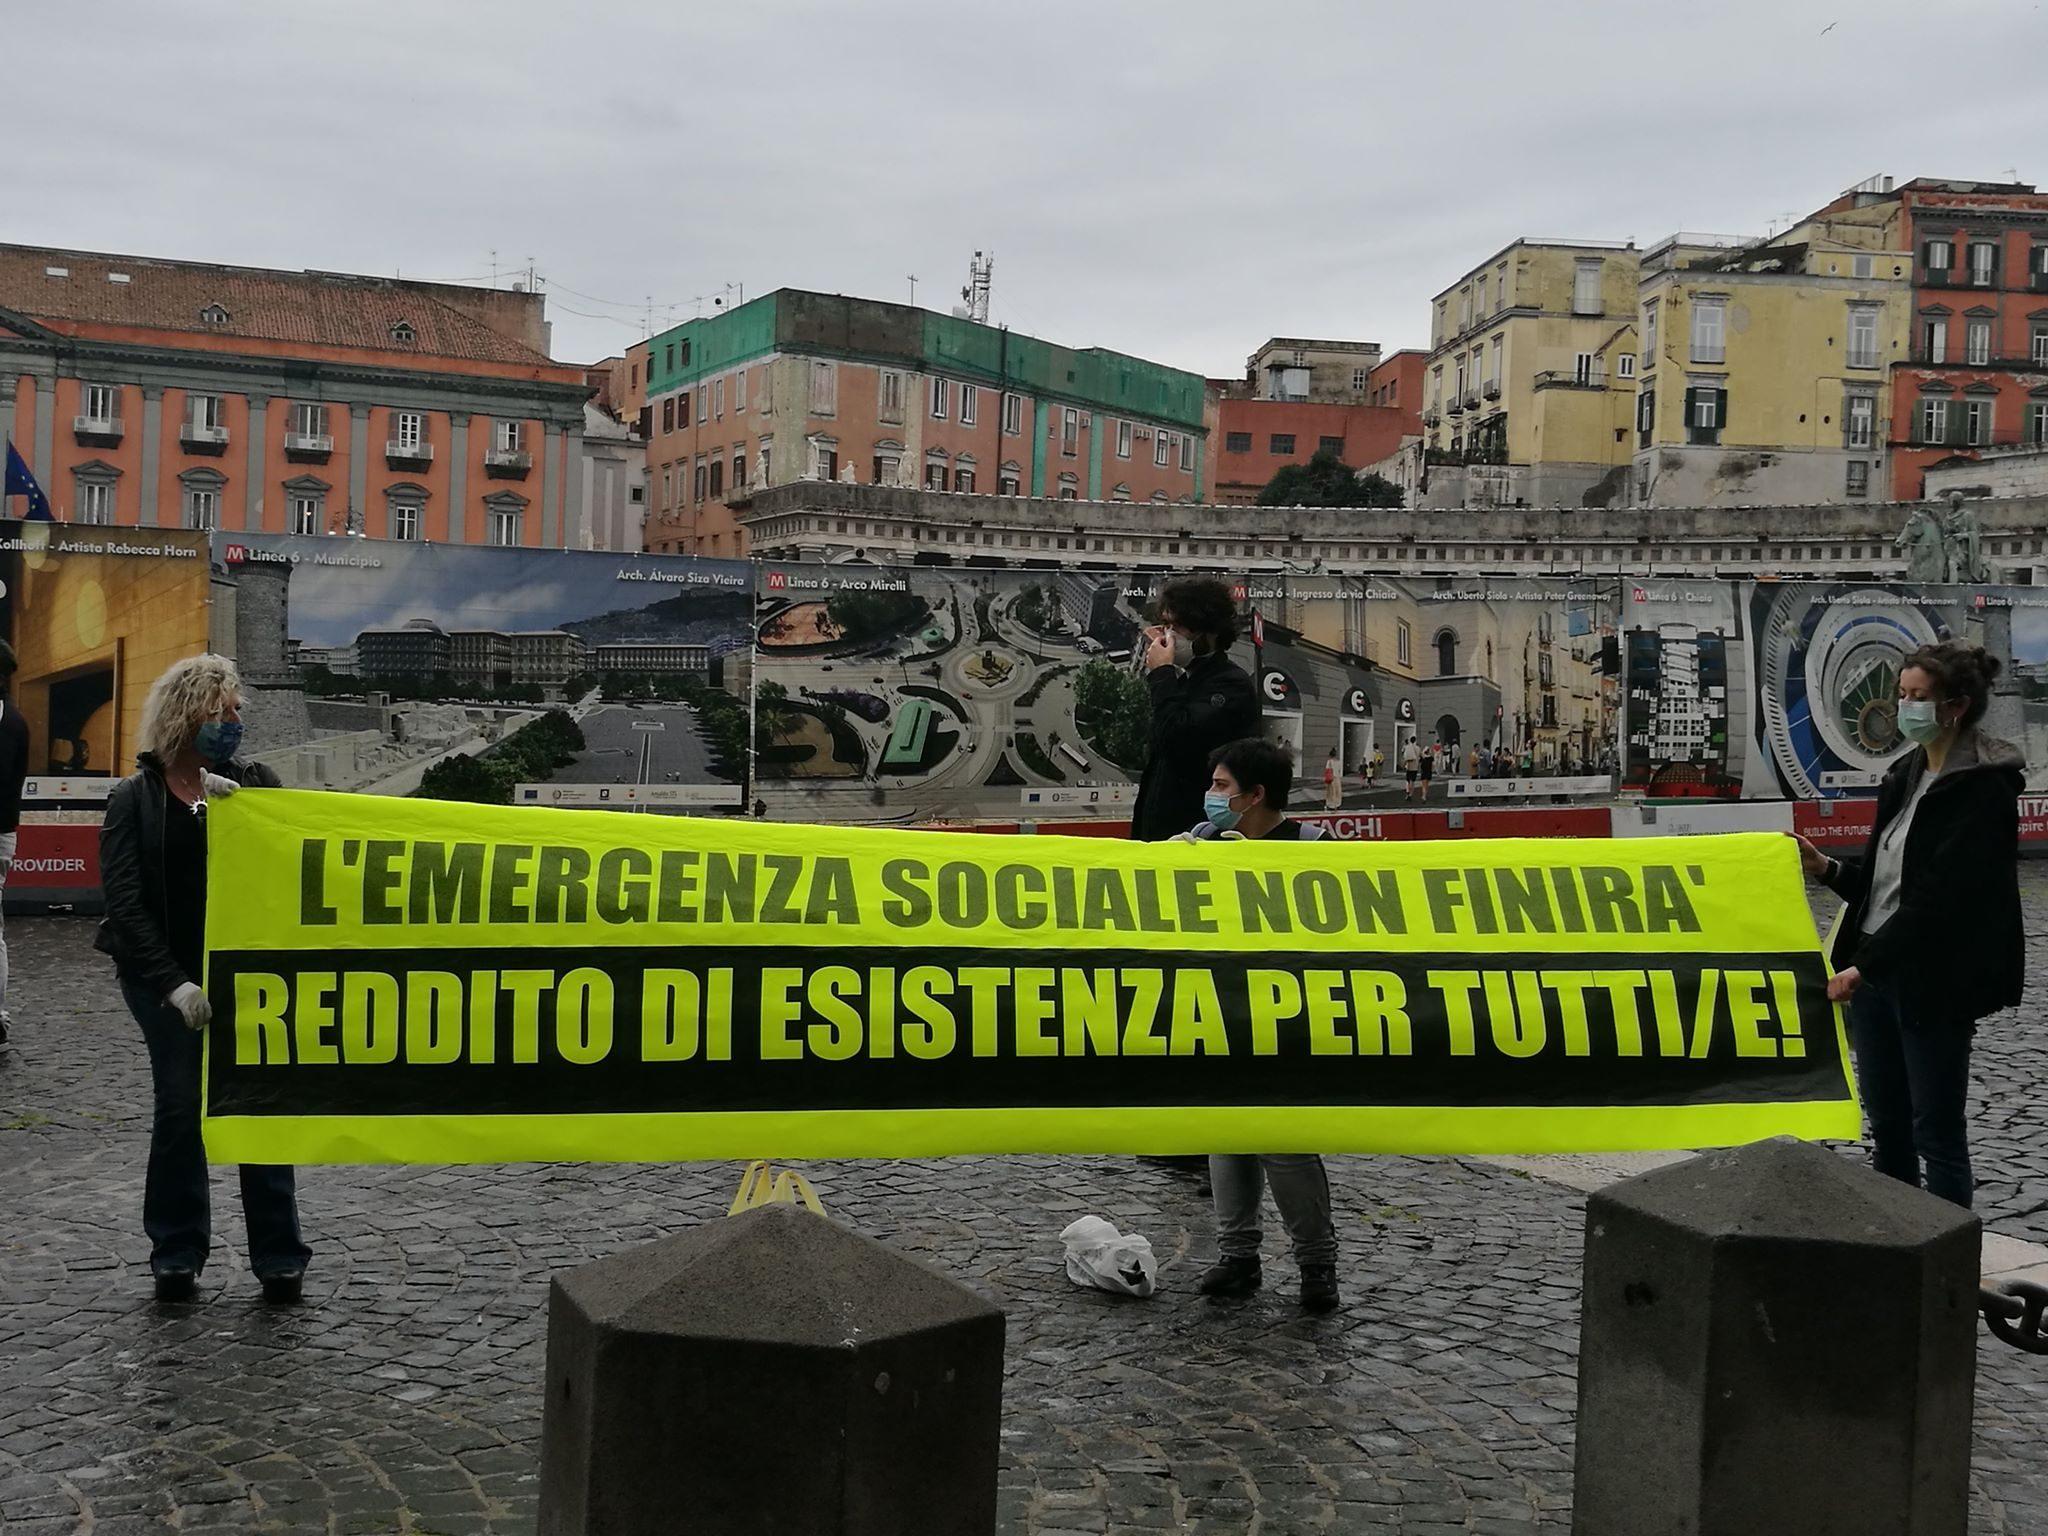 A Napoli La Prima Protesta Ai Tempi Del Covid 19 Con Mascherine E Guanti Sotto La Prefettura